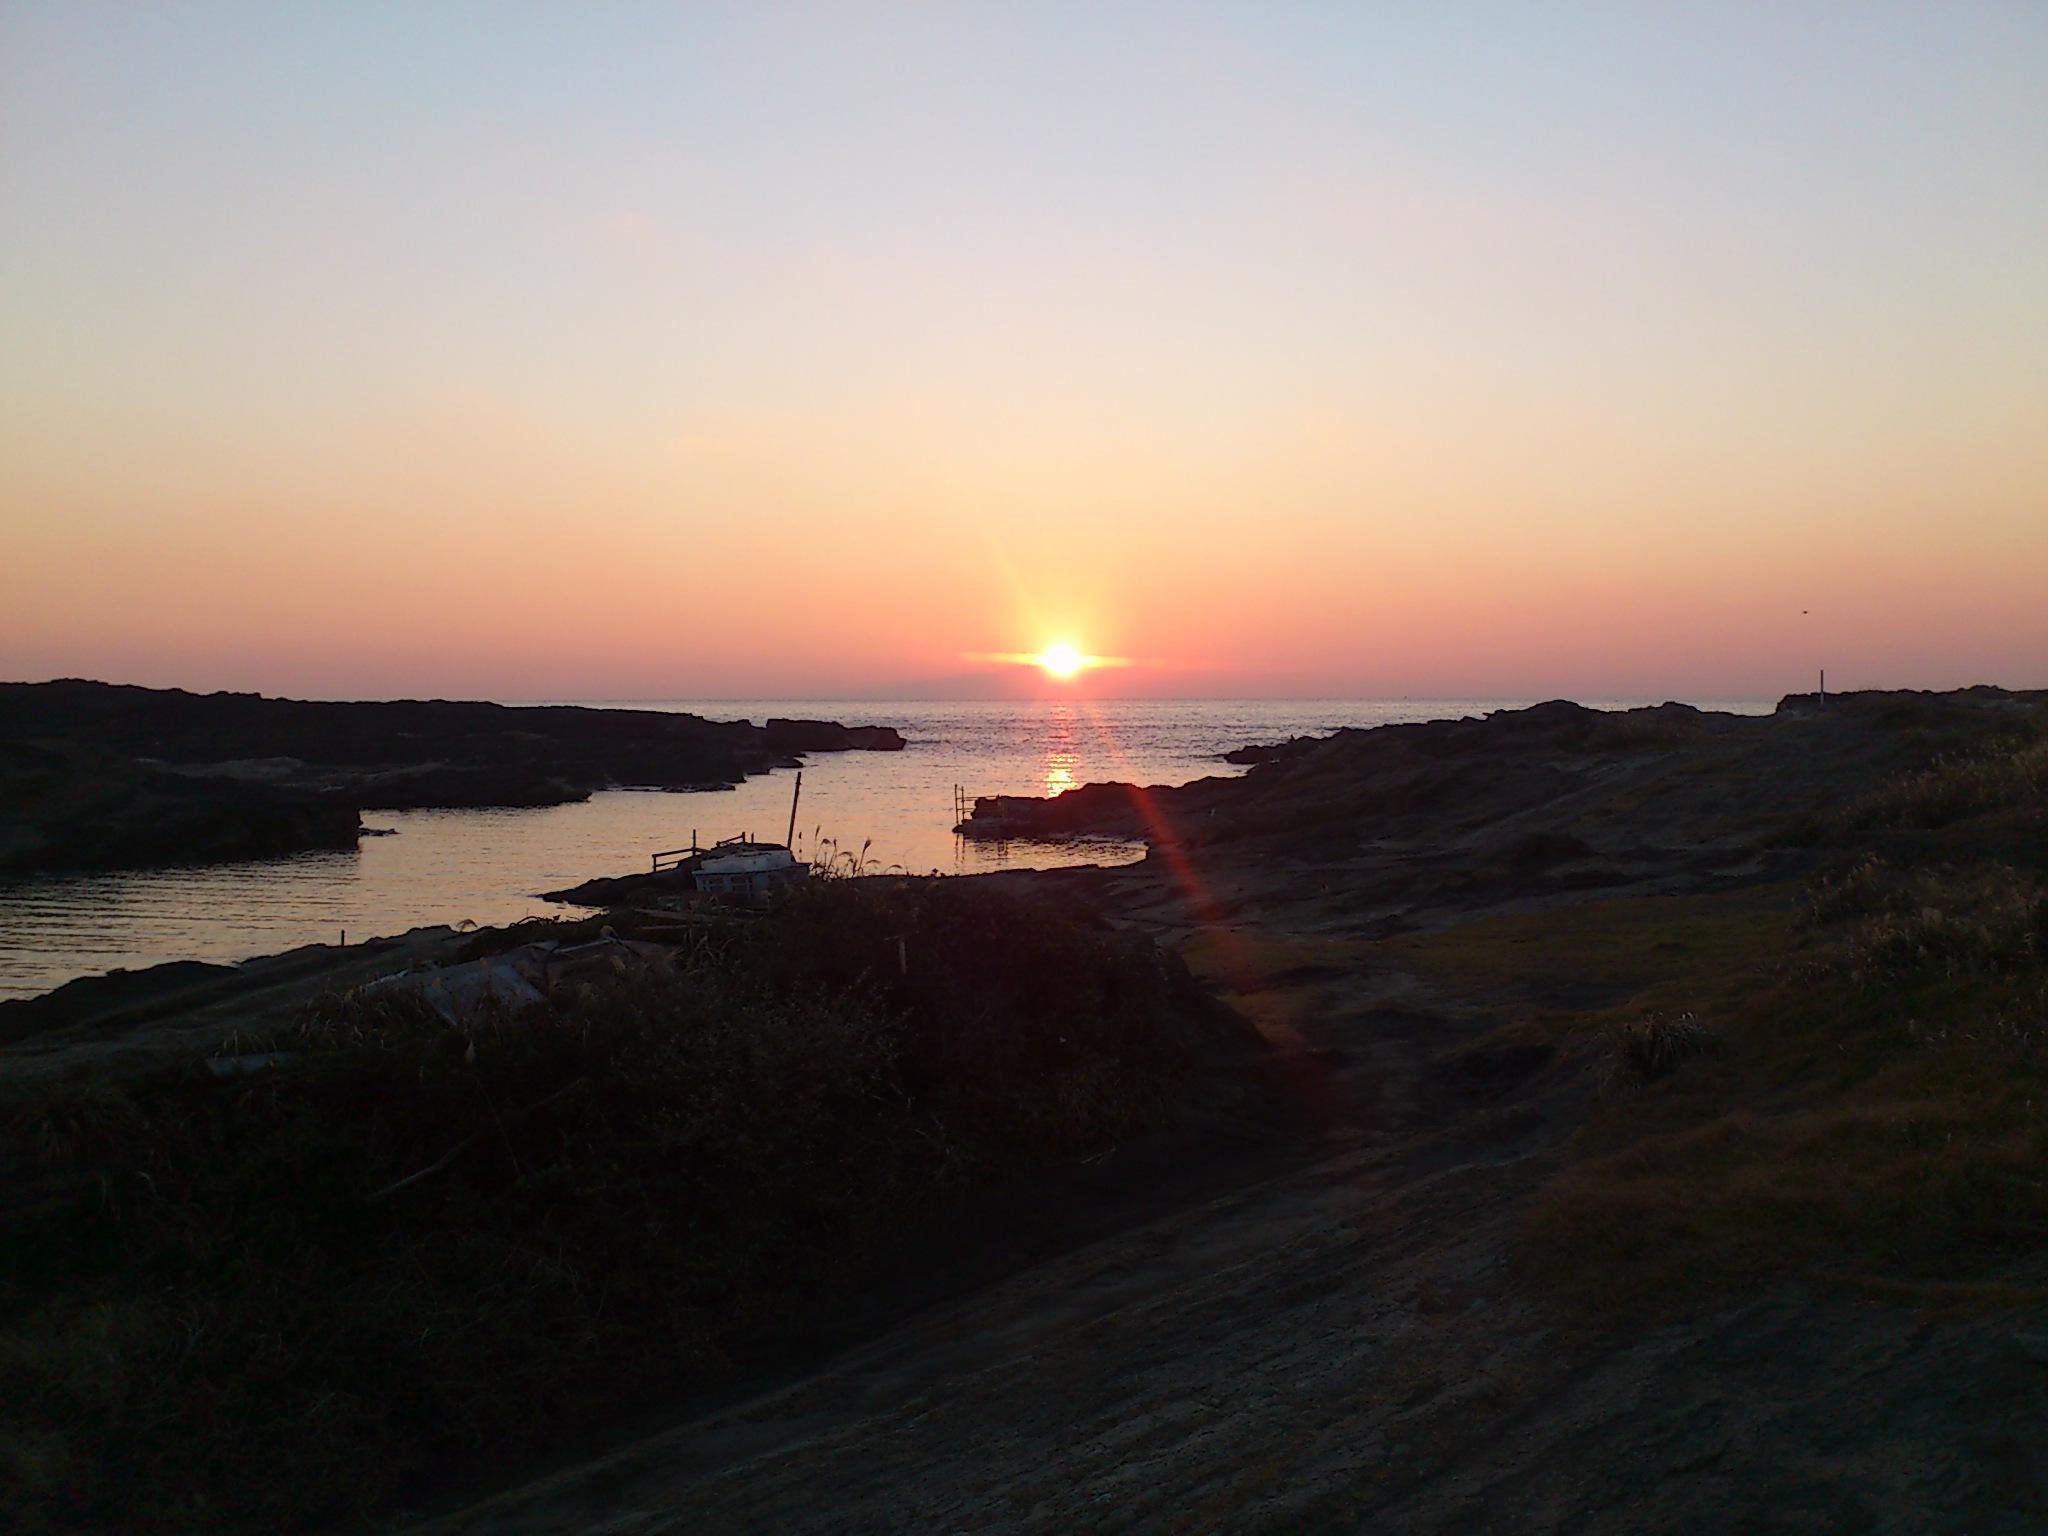 @城ヶ島。夕陽が美しすぎるのでもう一枚◎